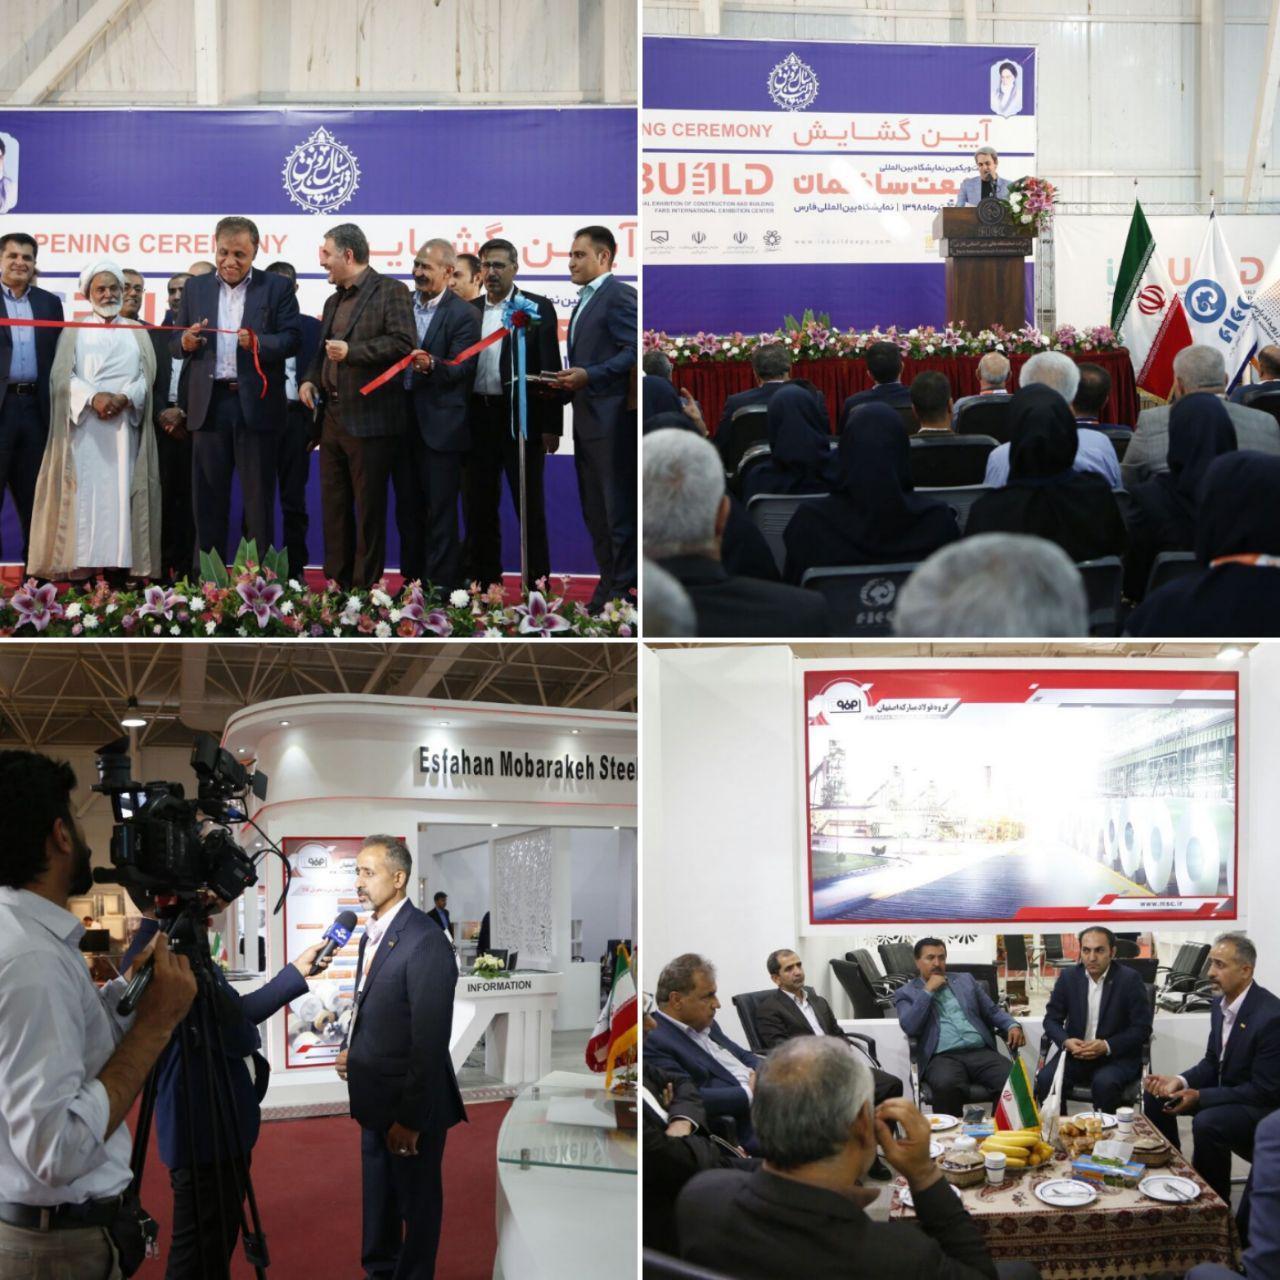 حضور گروه فولاد مبارکه در بیست و یکمین نمایشگاه بینالمللی صنعت ساختمان شیراز